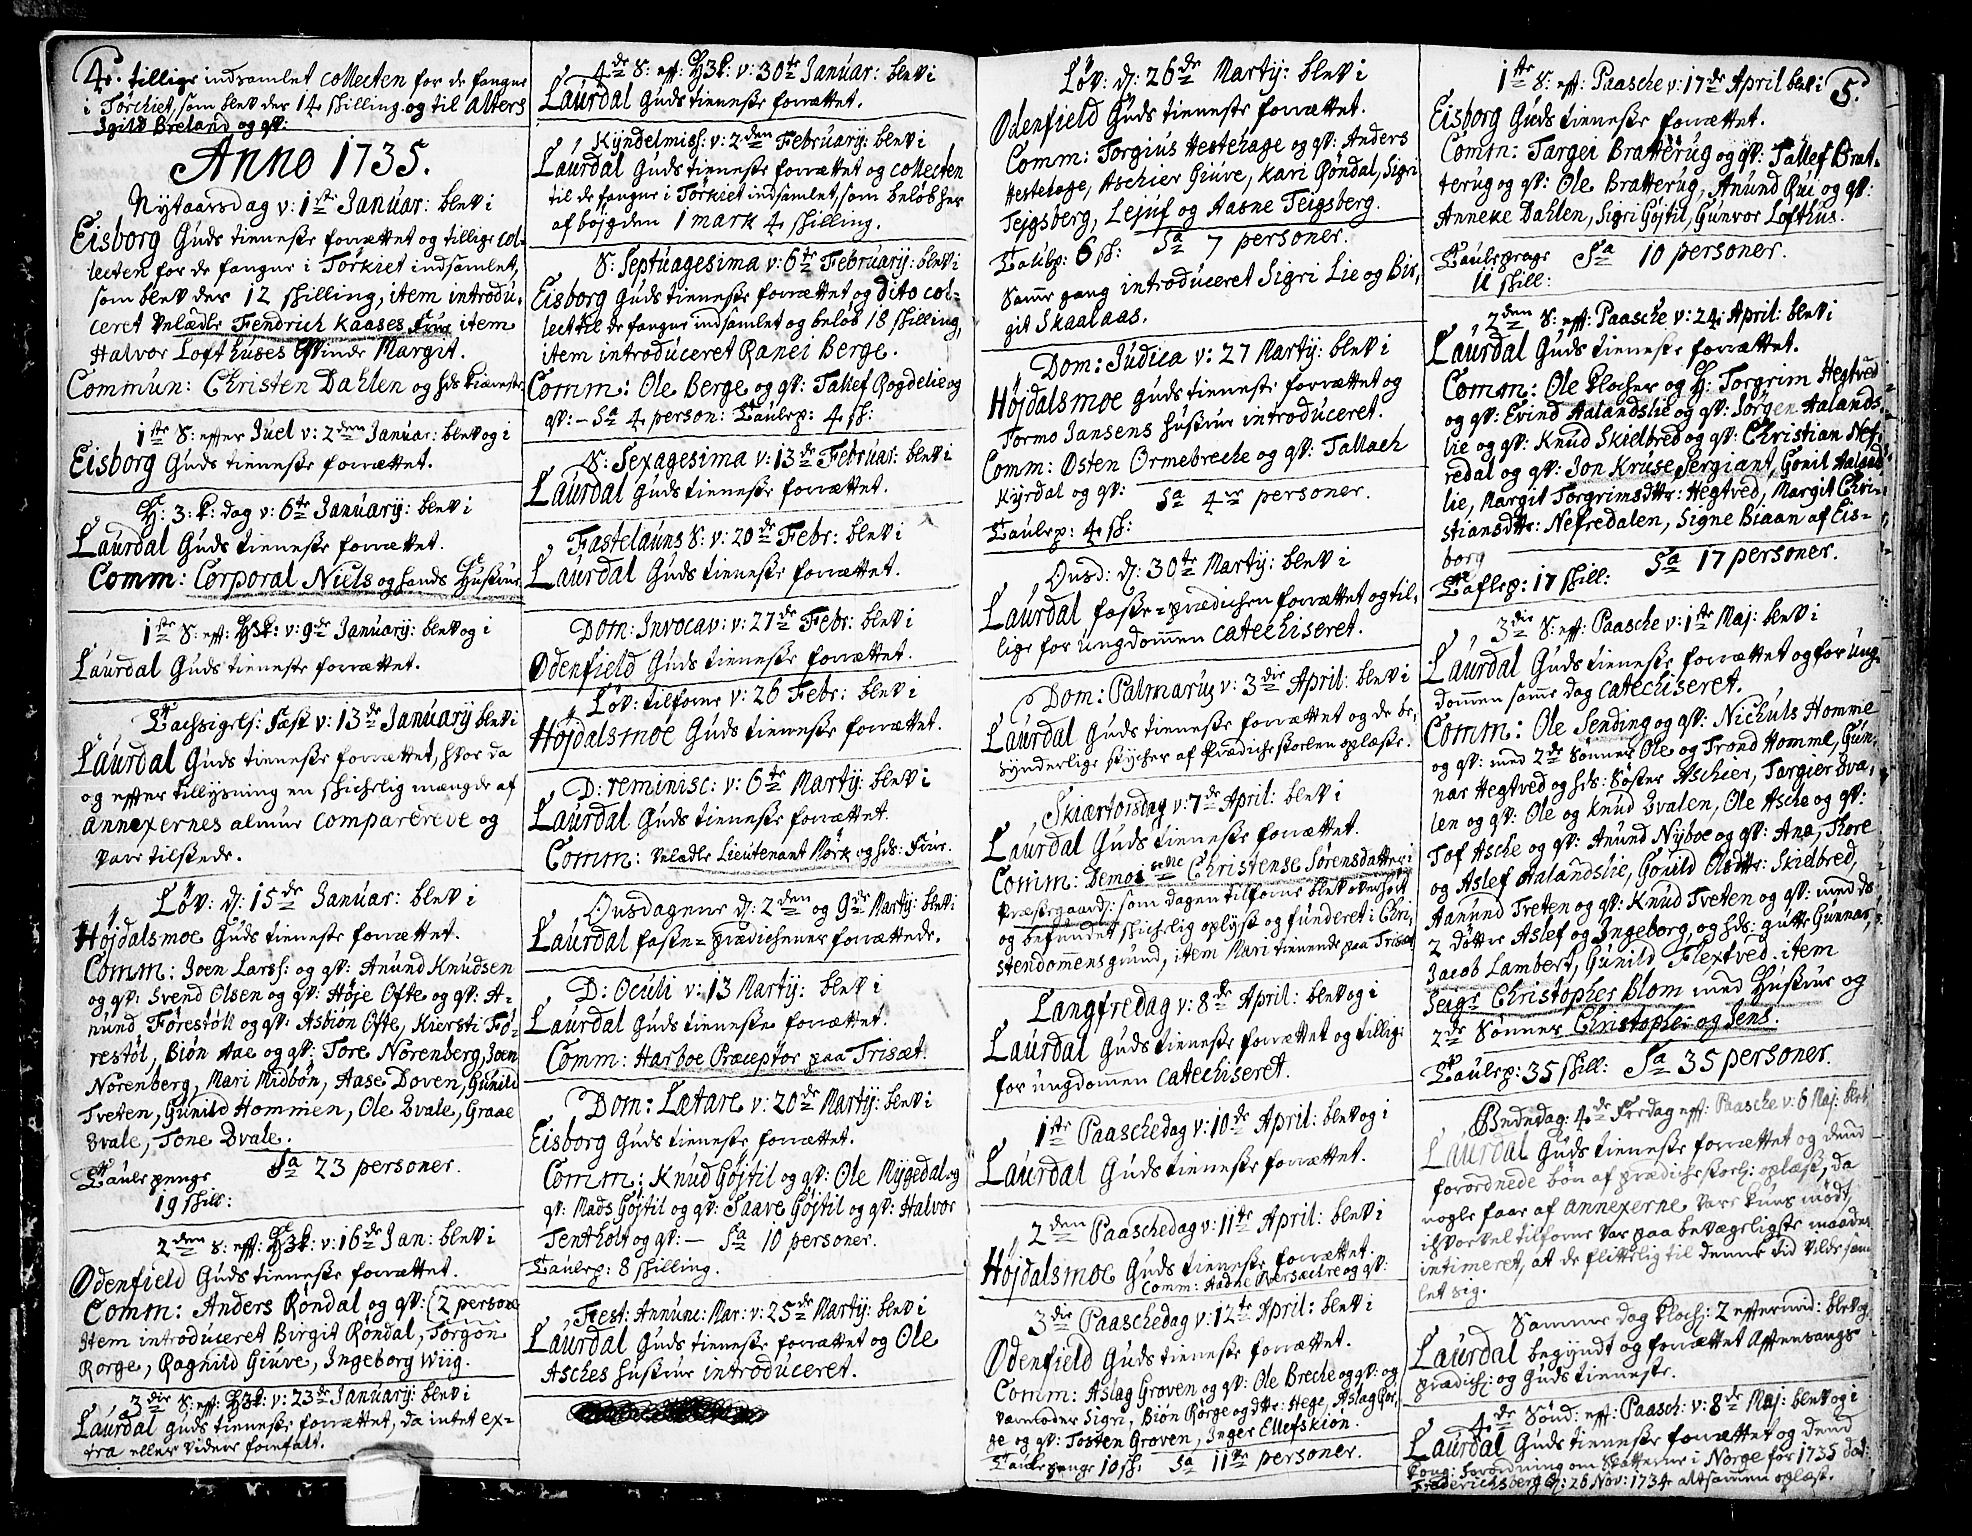 SAKO, Lårdal kirkebøker, F/Fa/L0002: Ministerialbok nr. I 2, 1734-1754, s. 4-5